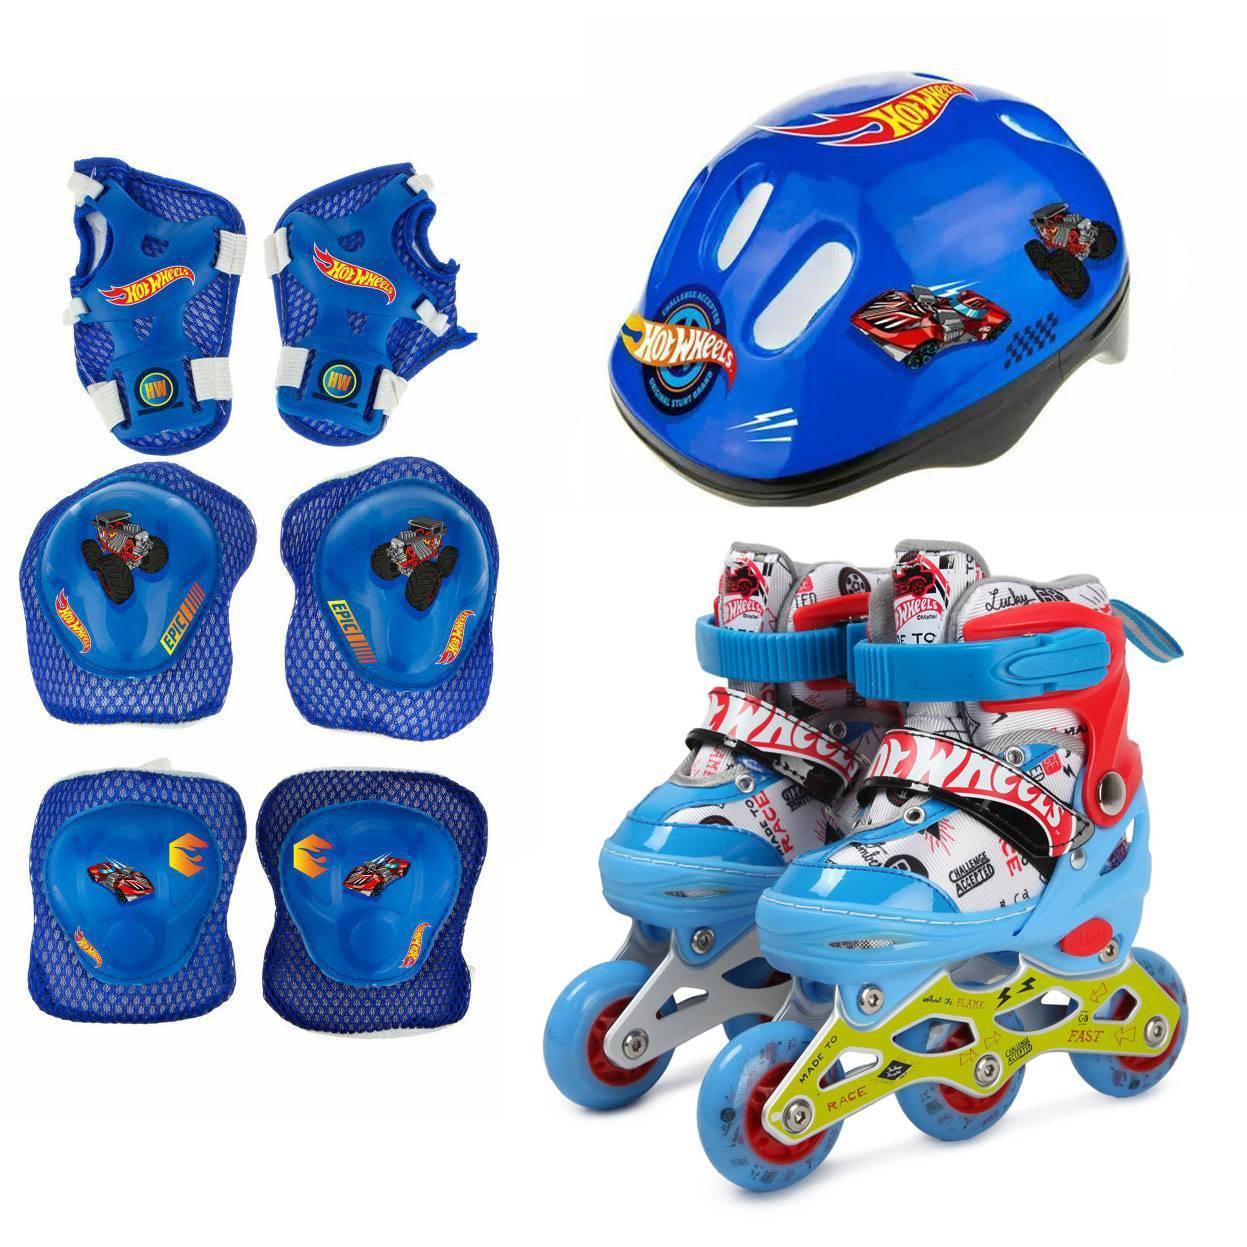 1toy Коньки роликовые Hot Wheels, колеса со светом, с защитой и шлемом, XS (26-29) Т19999